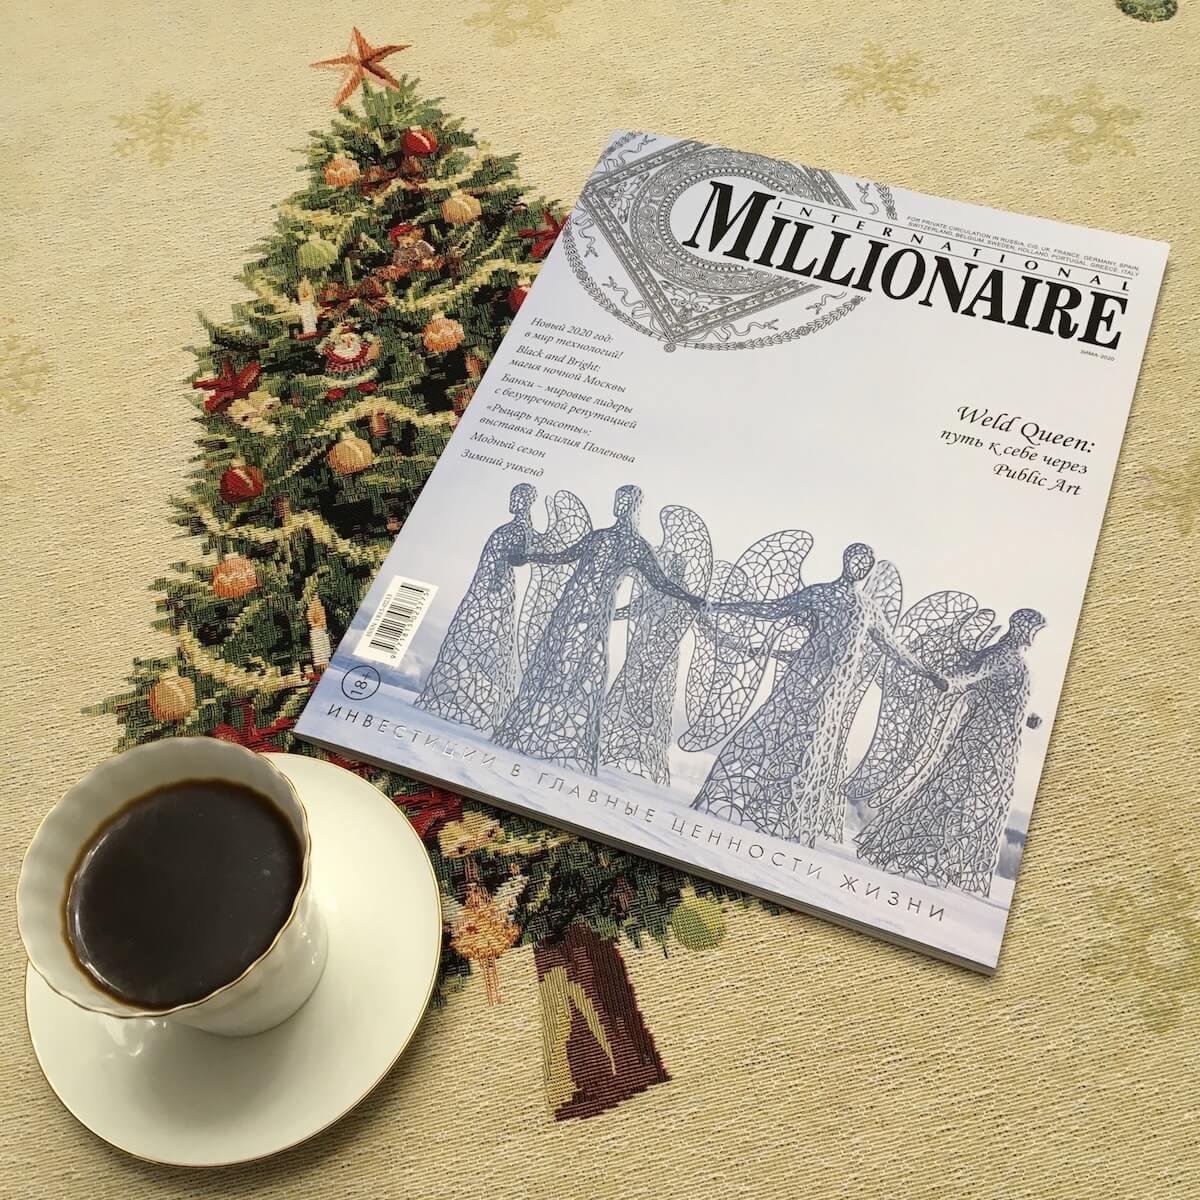 новогодний выпуск Millionaire International со статьей про Усадьбу Чернаково